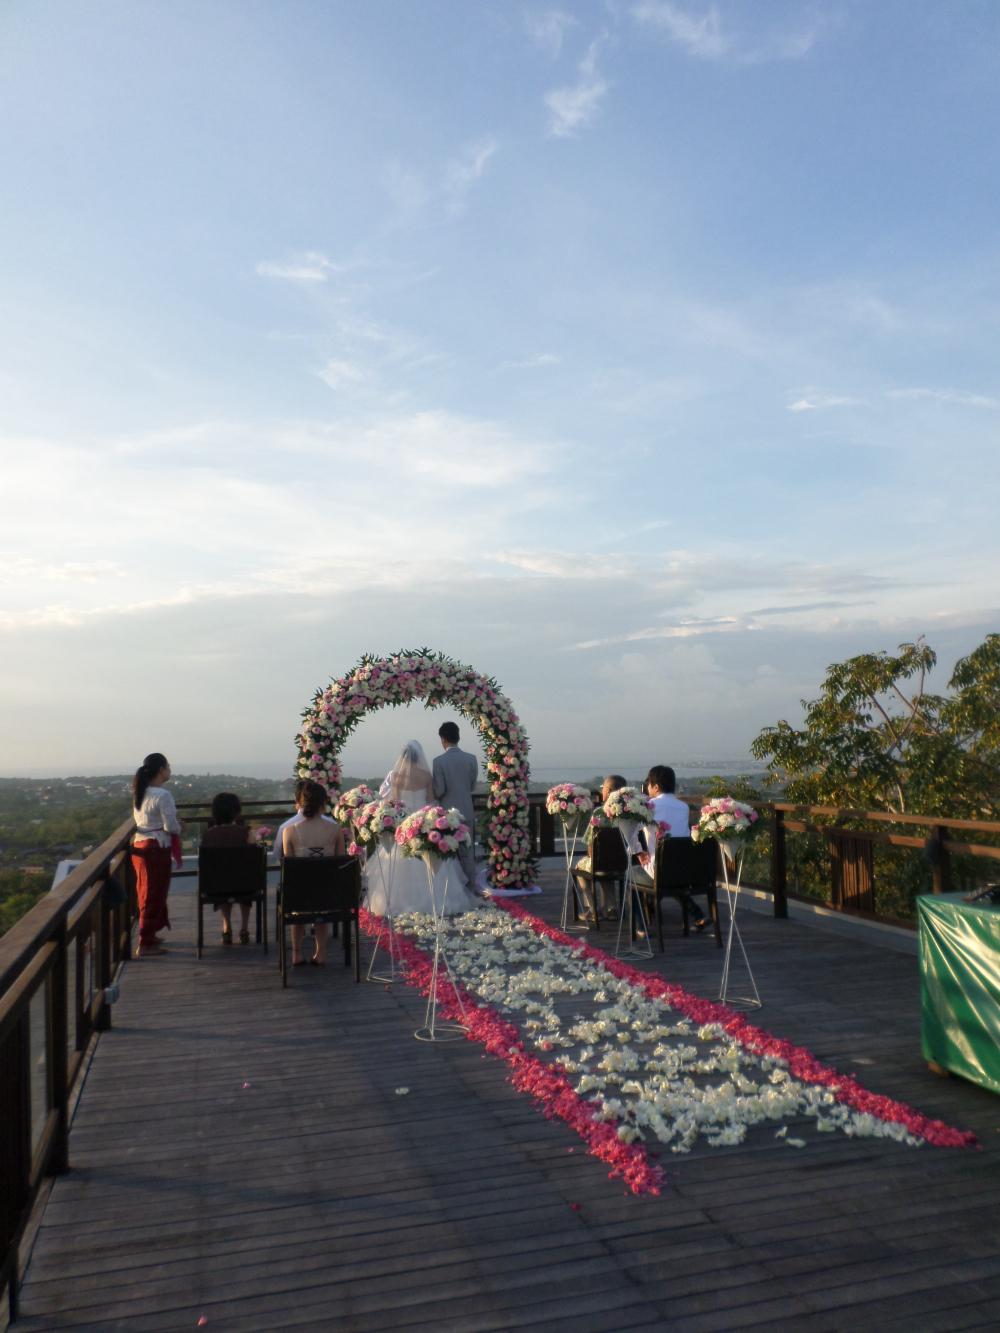 premier hospitality asia bulan madu pernikahan